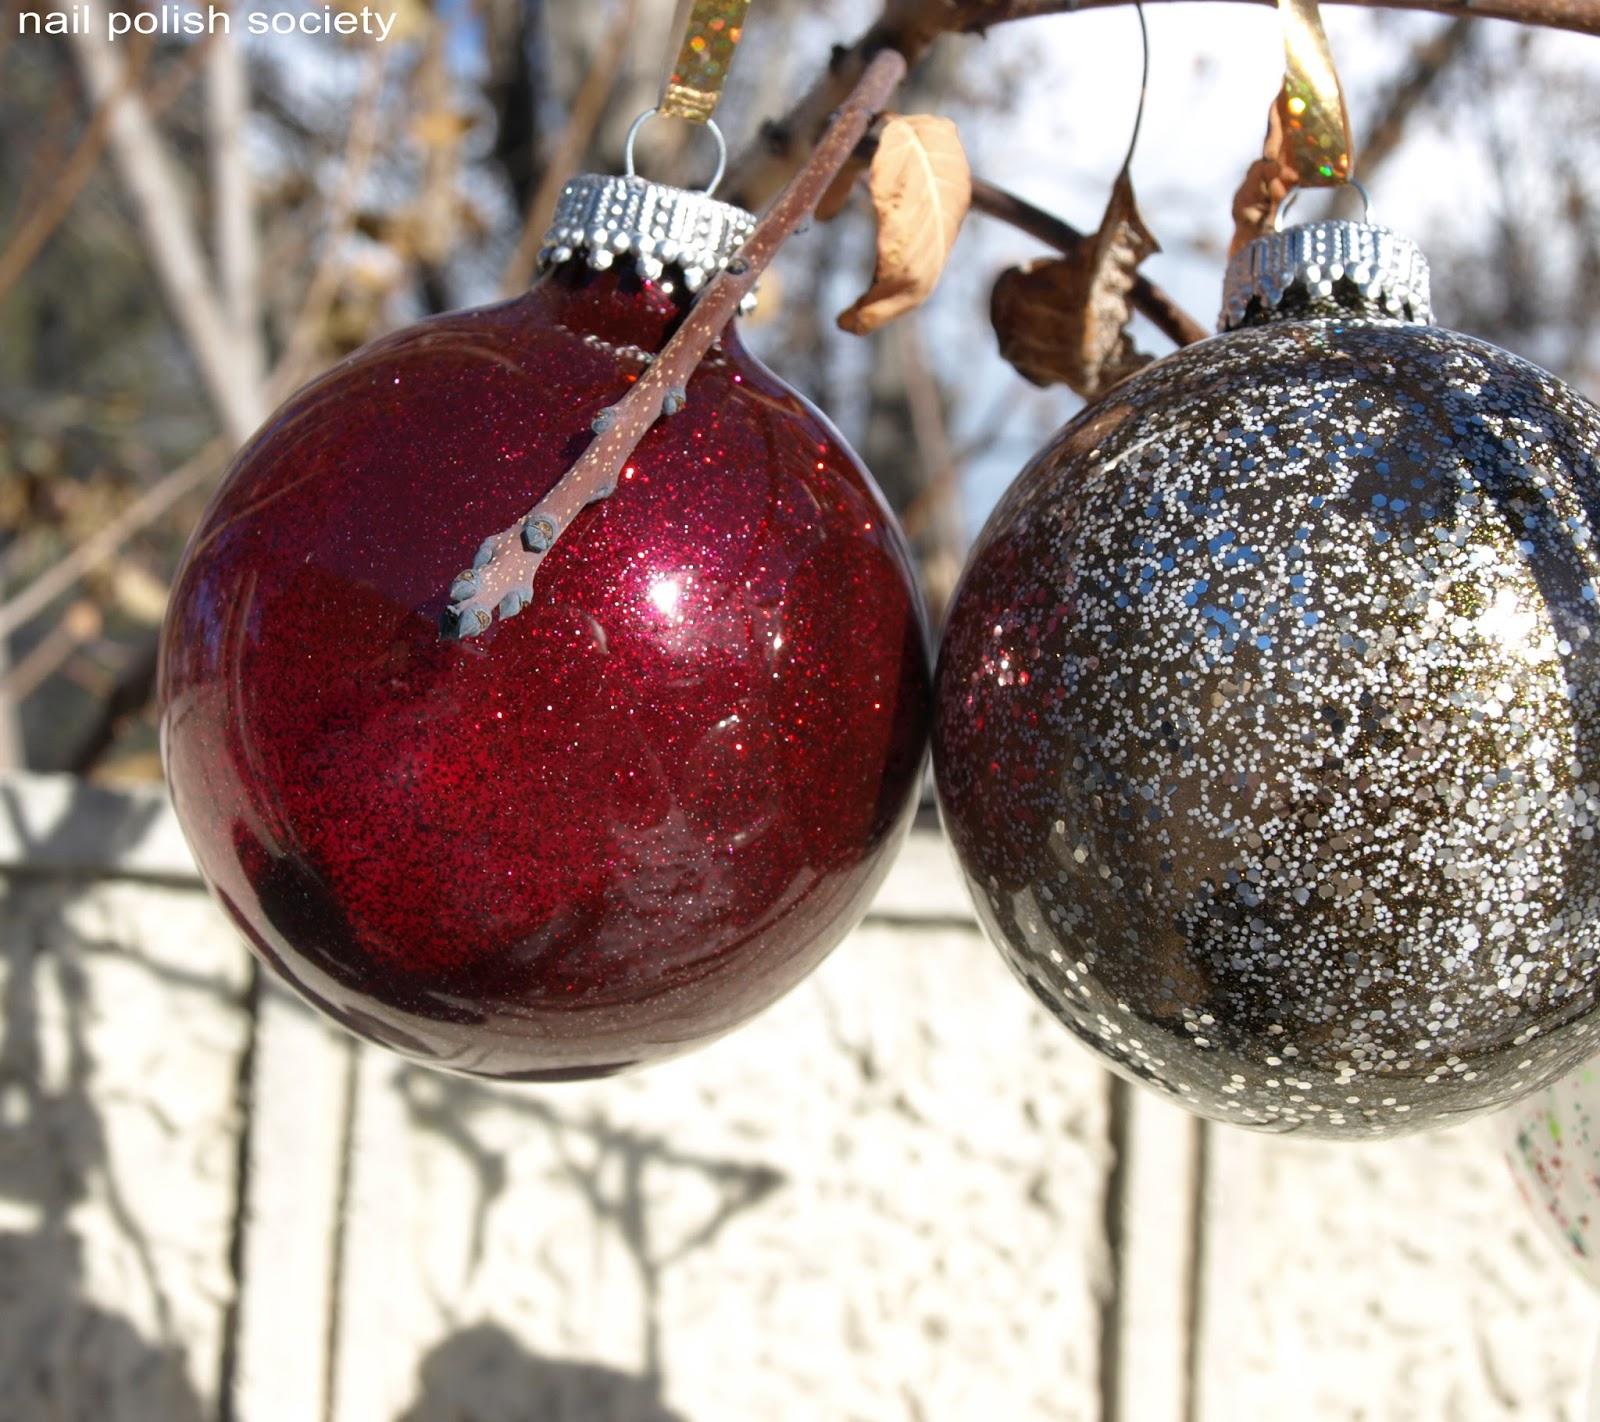 Christmas Ornaments Nail Polish : Nail polish society christmas ornaments